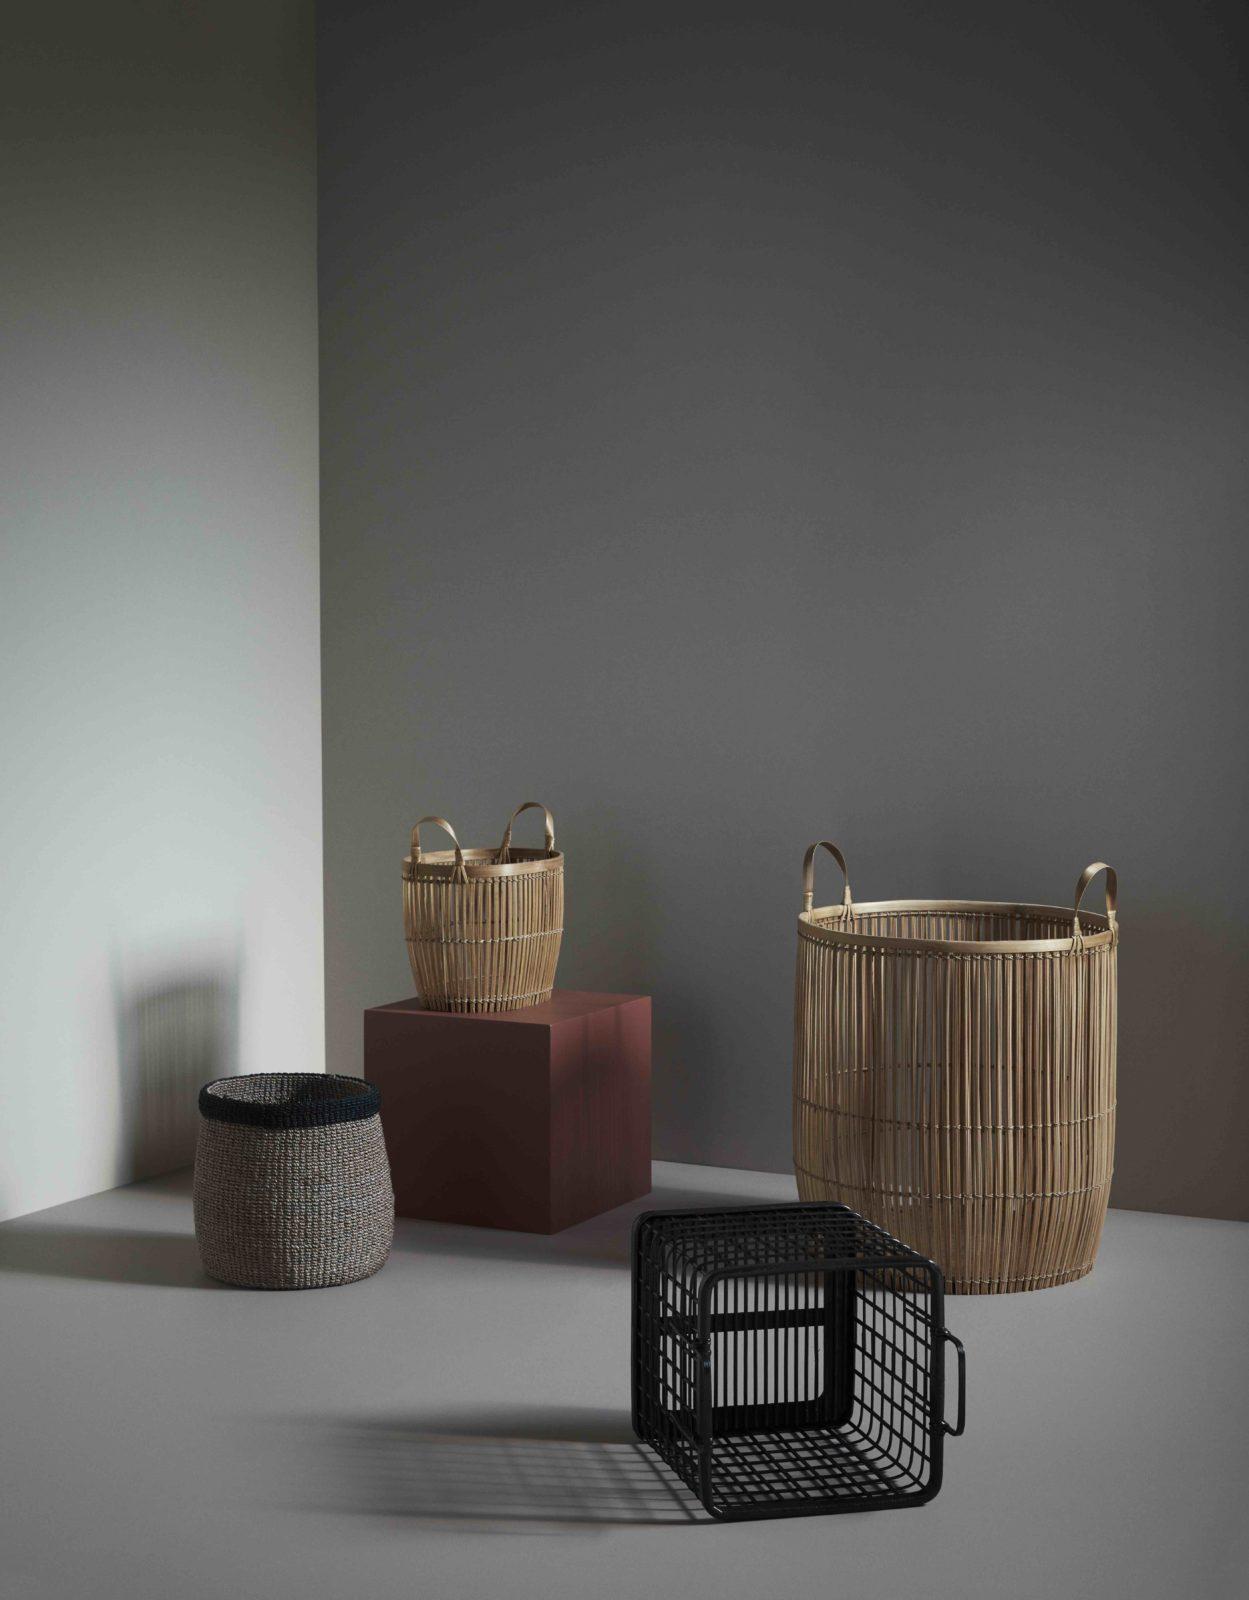 interior inspiration mehr nat rlichkeit mehr raum bei tradition und h bsch journelles. Black Bedroom Furniture Sets. Home Design Ideas